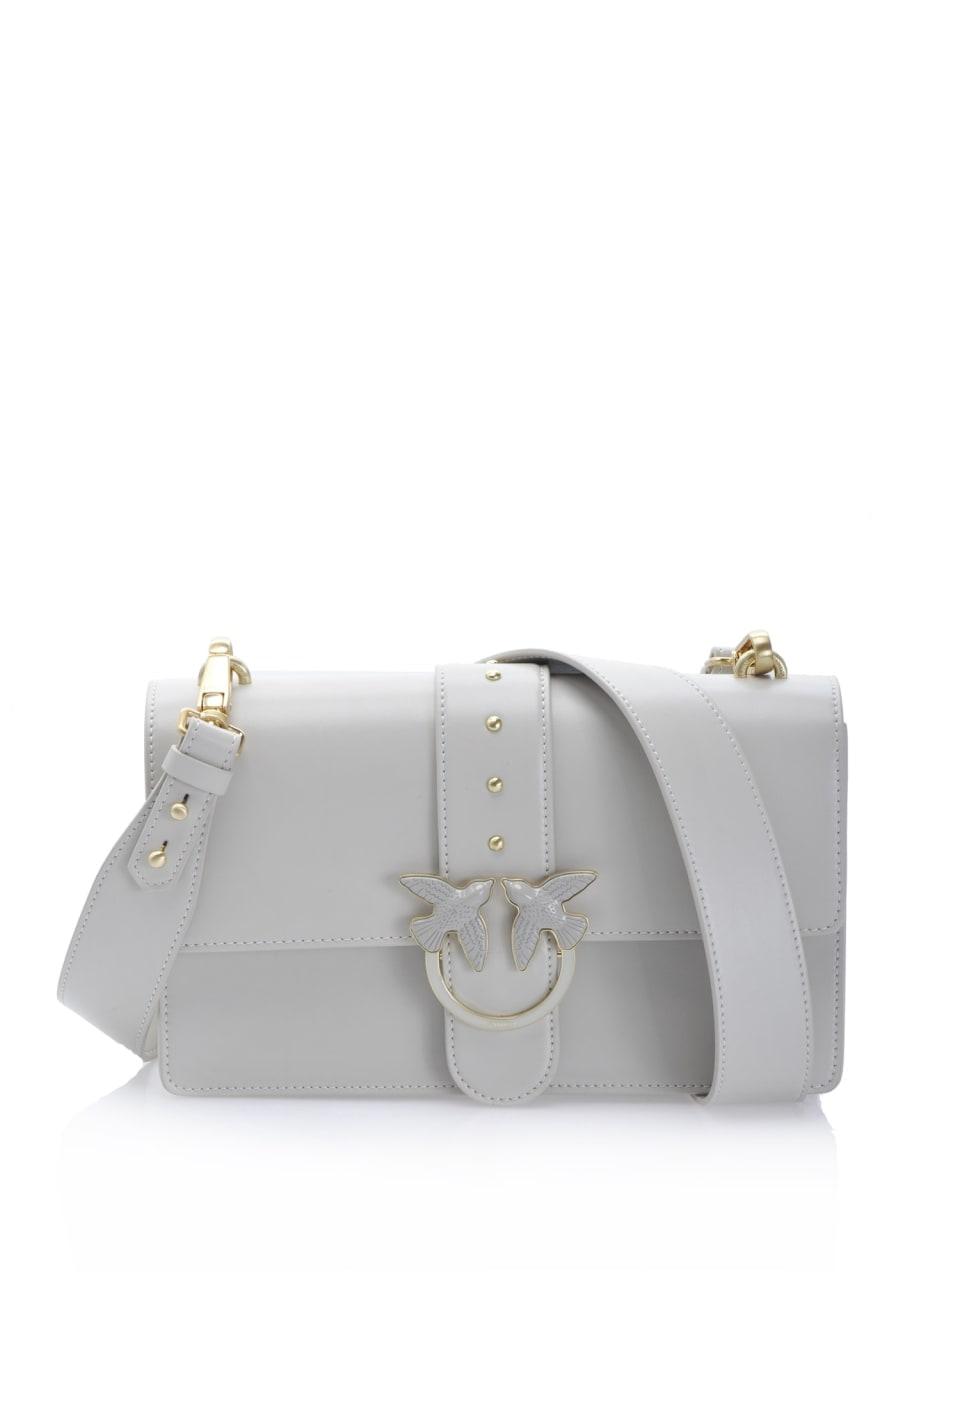 Abbraccio Love Bag in leather